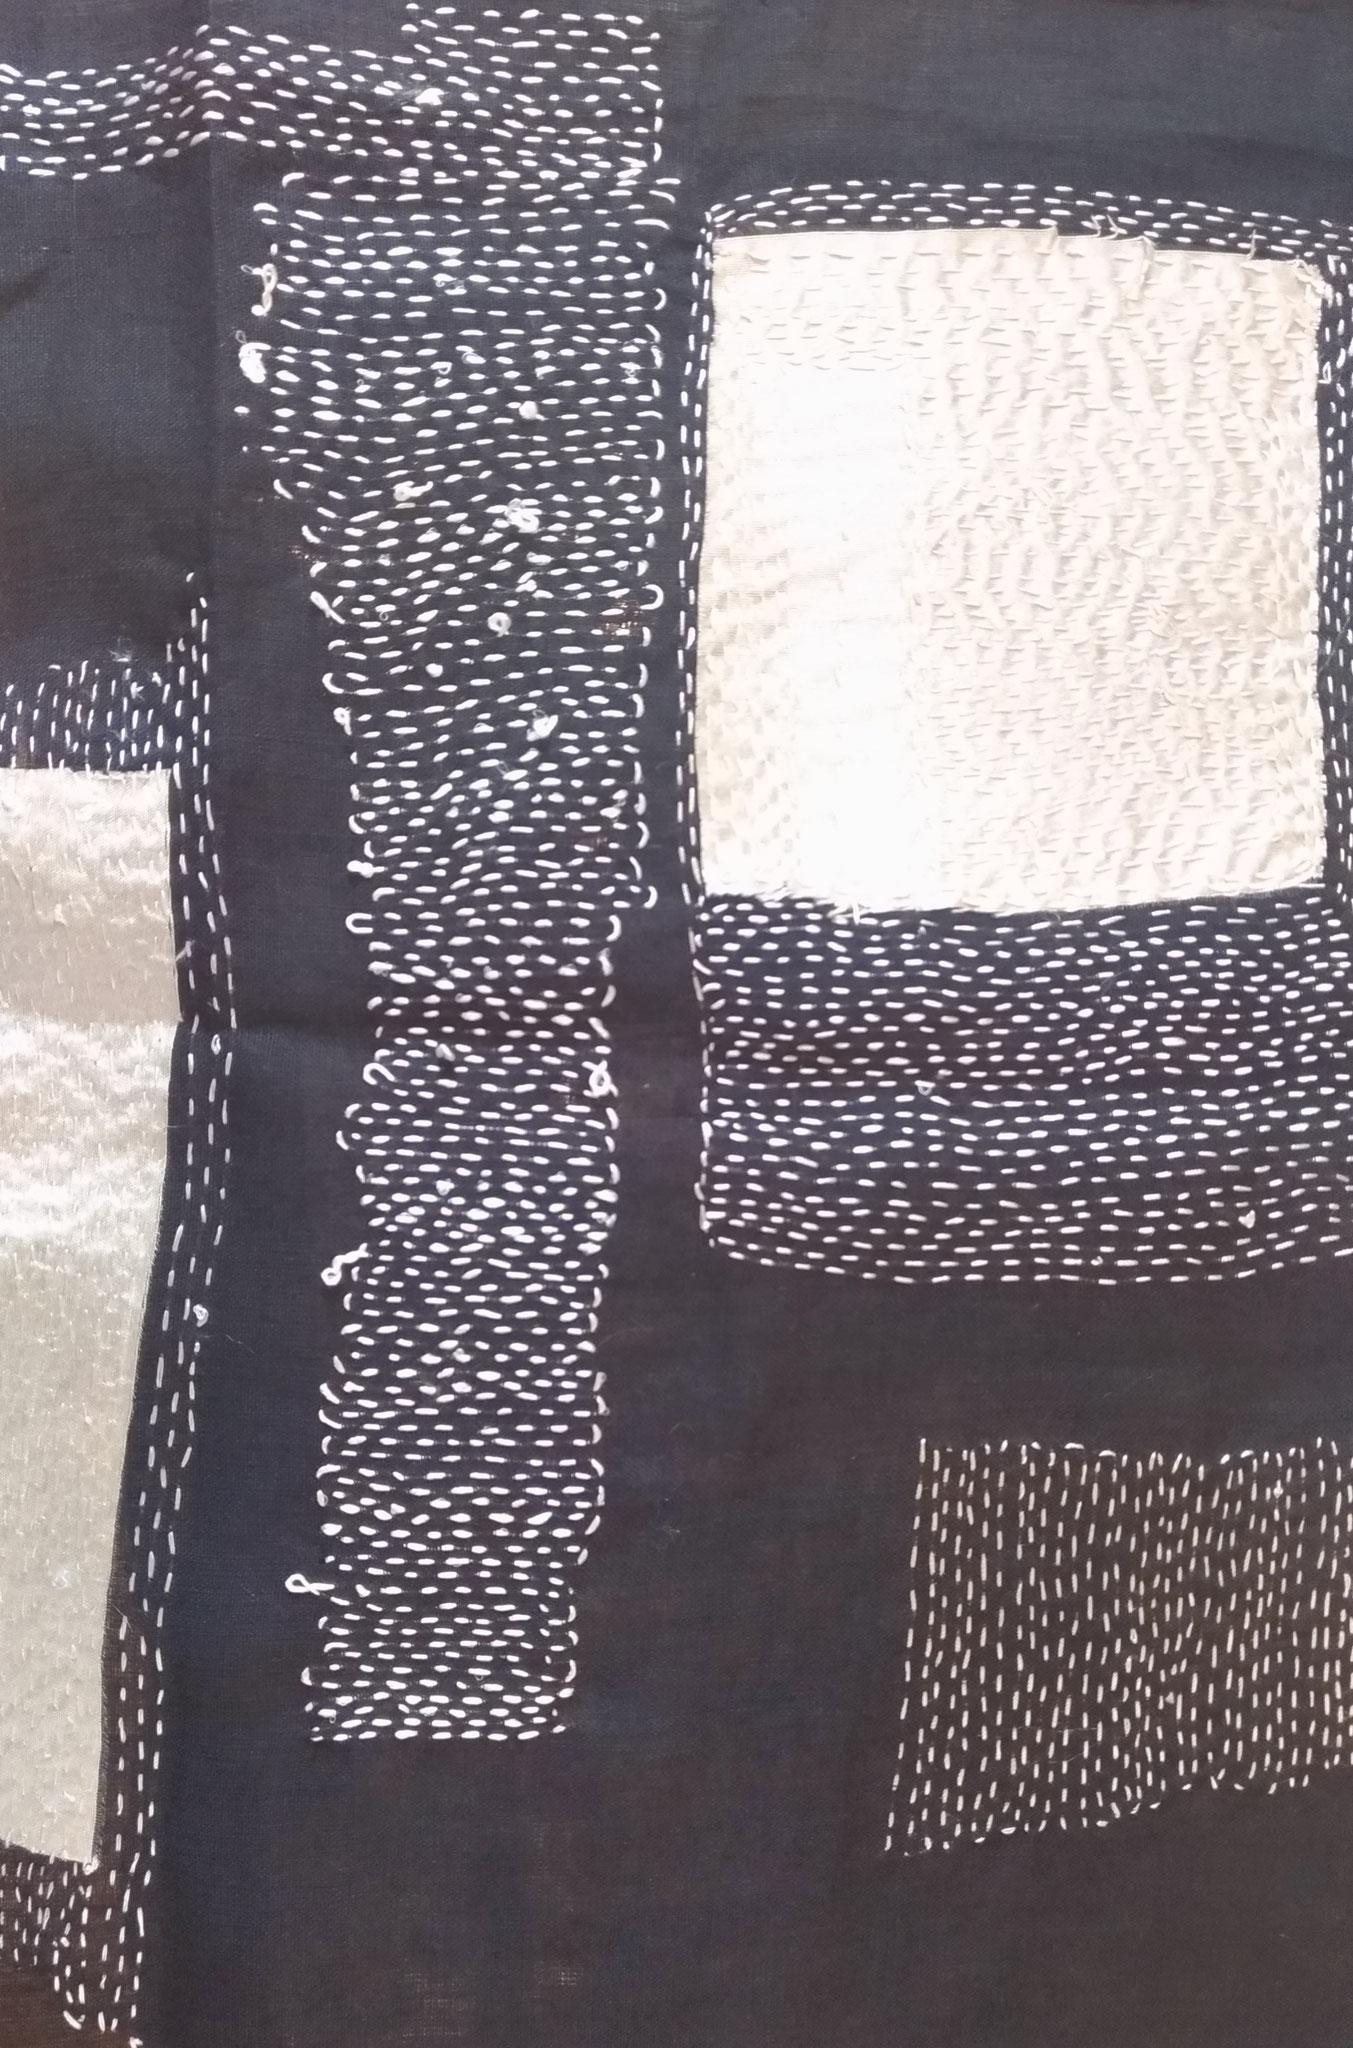 Fil de soie sur tissu en lin - 36x32cm